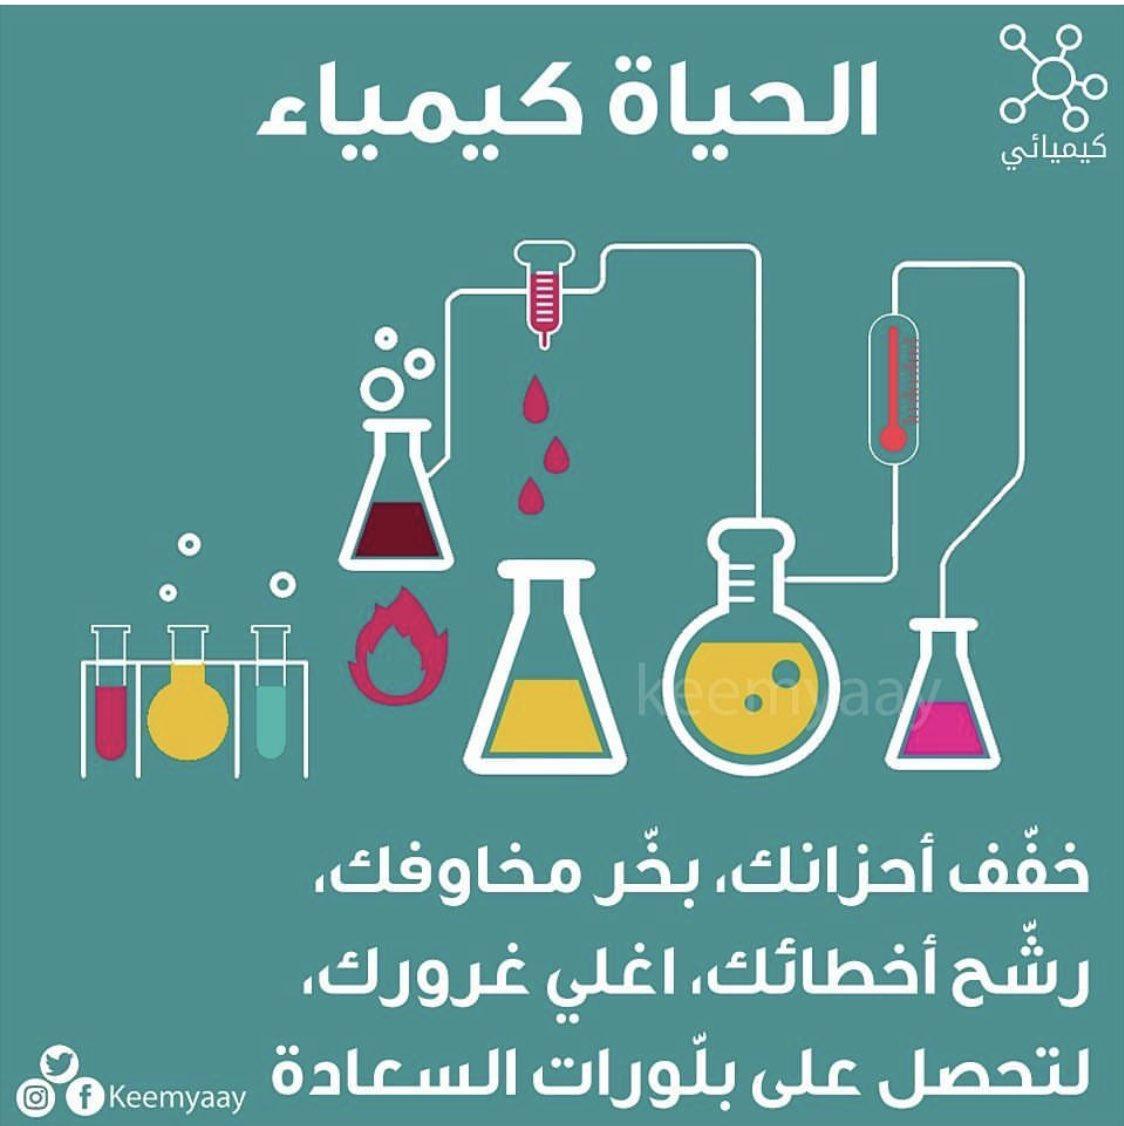 Twitter இல كيميائيه ஹ ஷ ட க